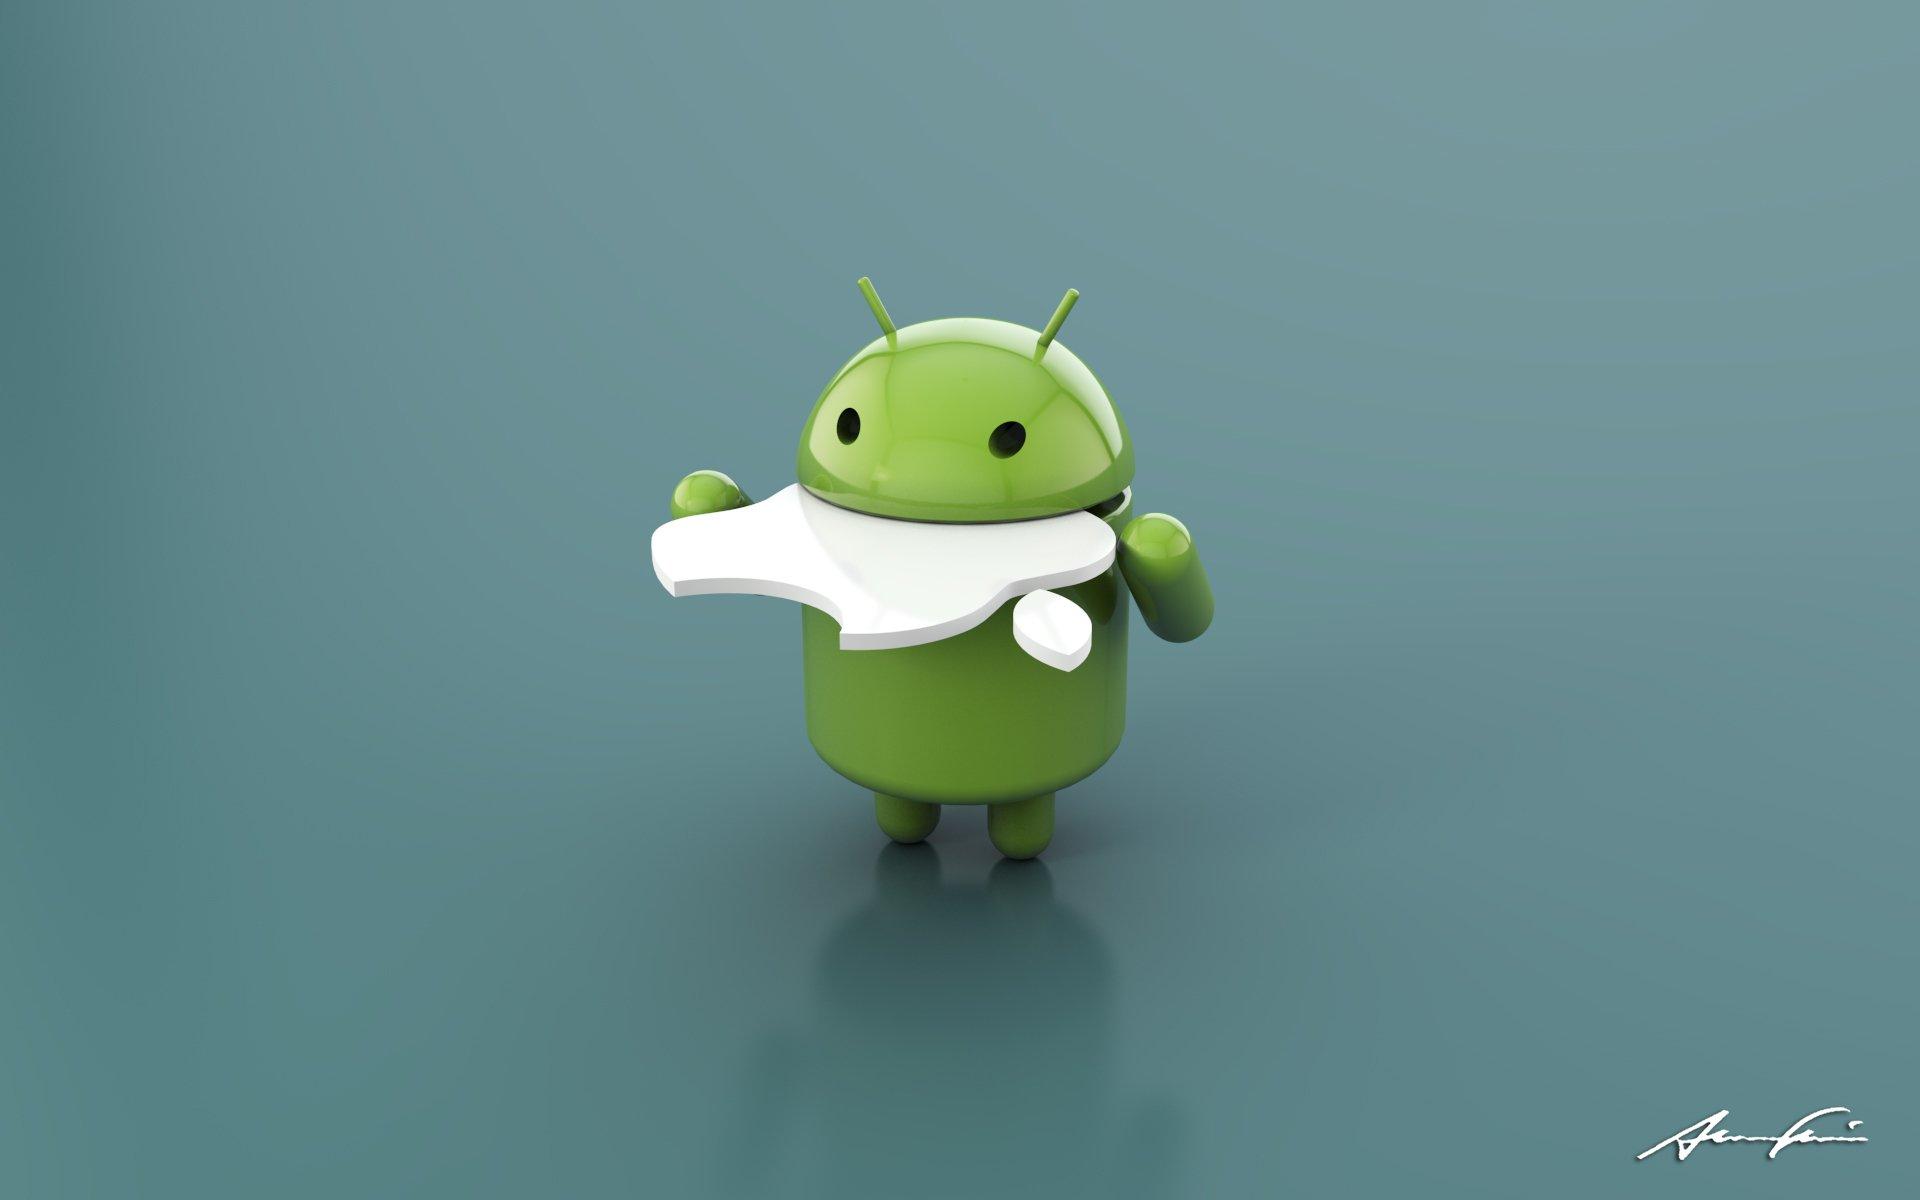 Прикольные картинки на андроид на весь экран